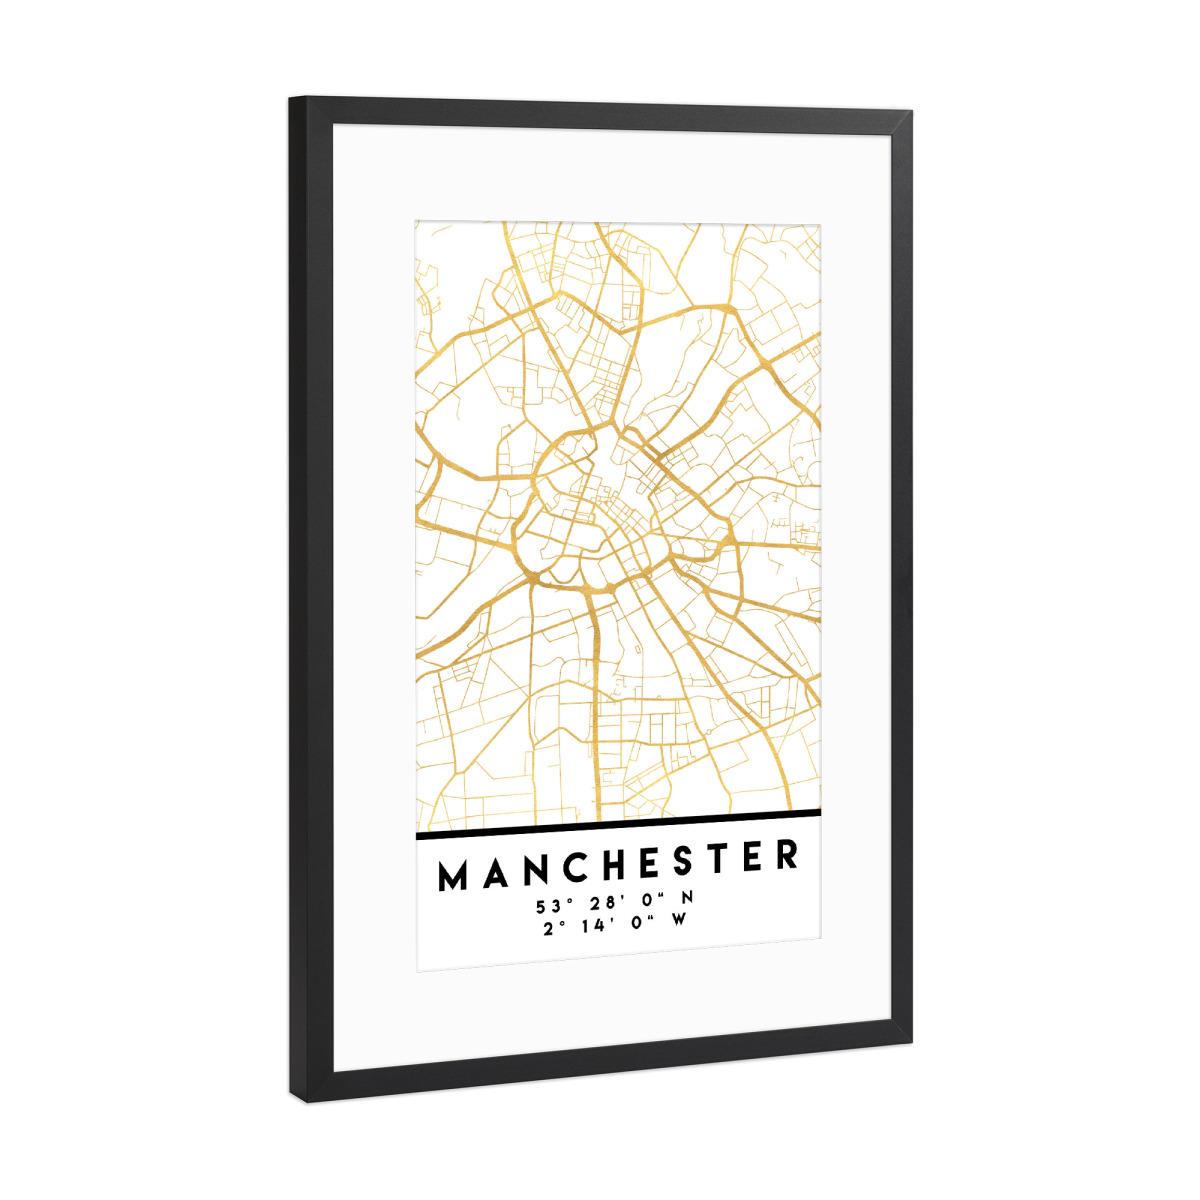 MANCHESTER ENGLAND STREET MAP ART als Gerahmt bei artboxONE kaufen